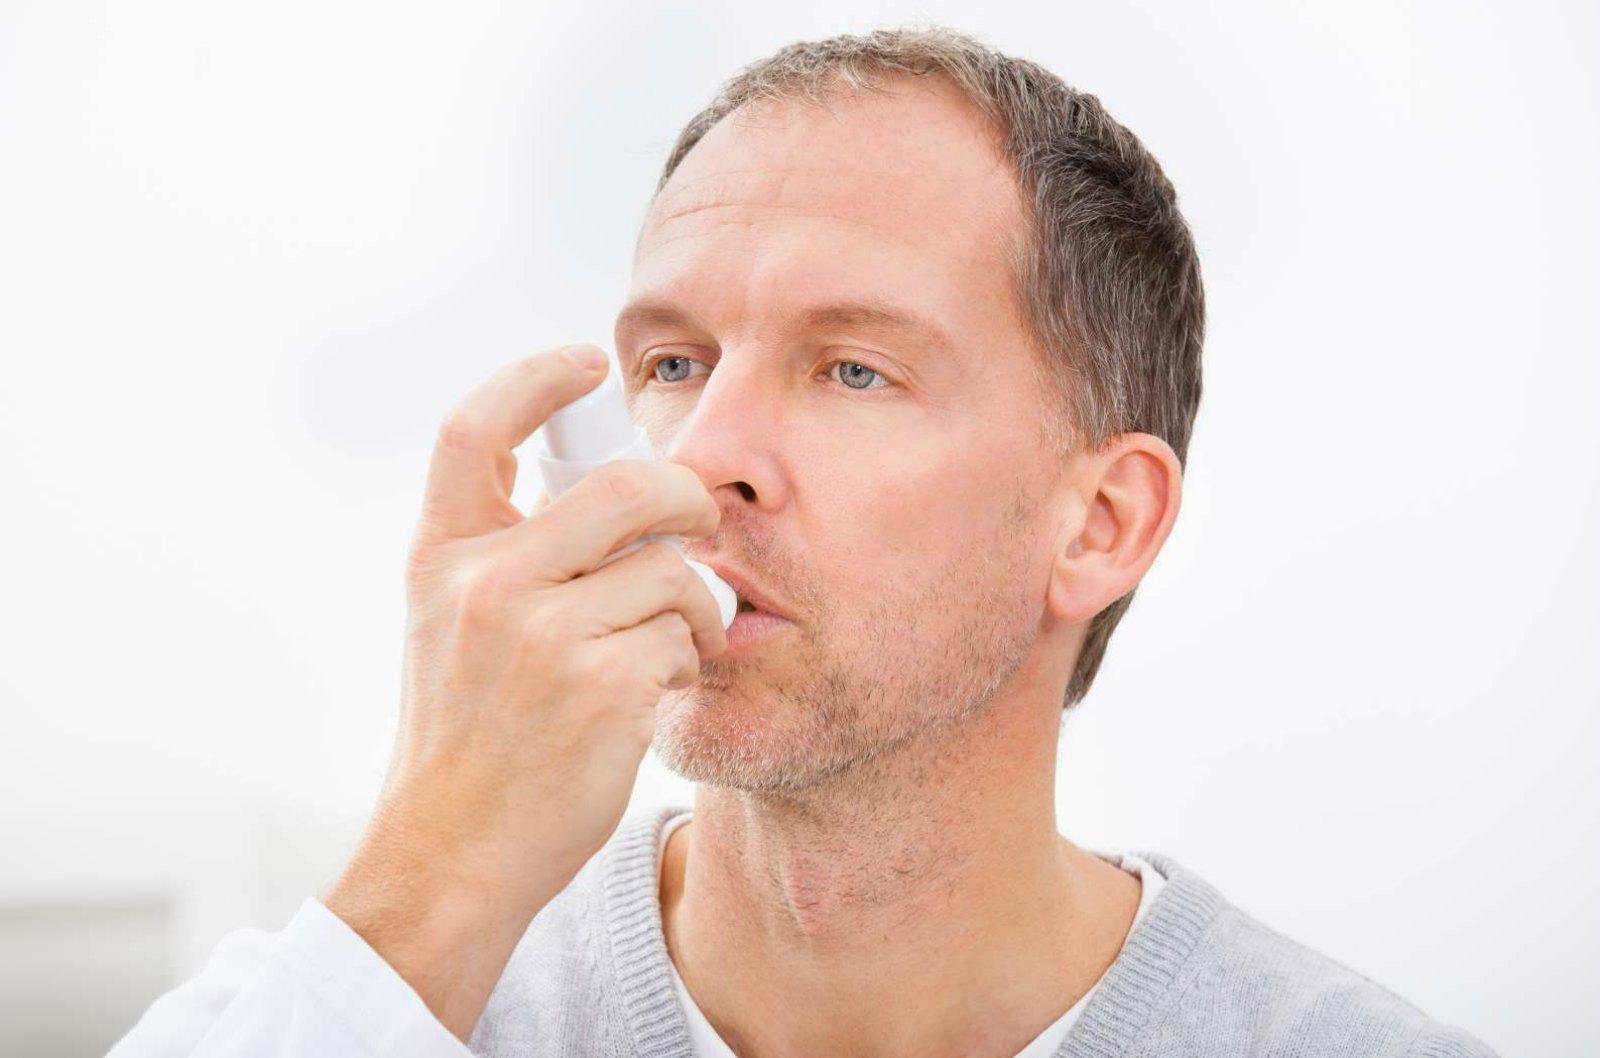 RMeasuring pH of Exhaled Breath Helps Identify Airway Diseases